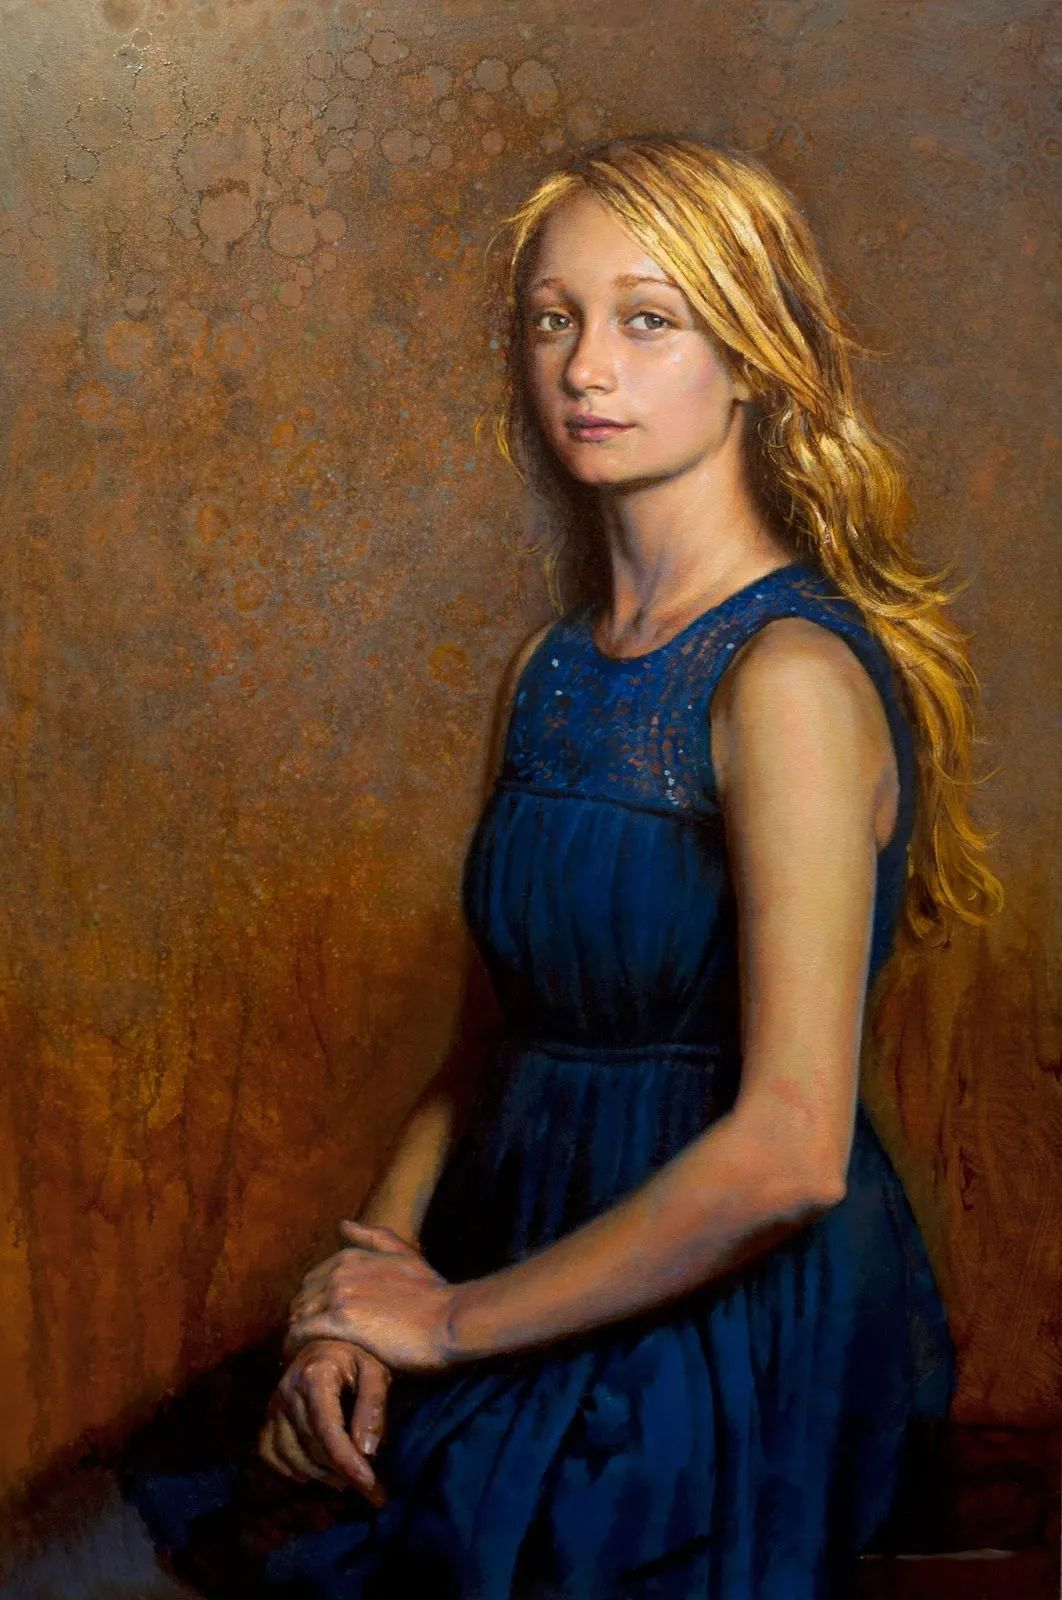 有趣而独特的人物肖像画,美国画家塞思·哈维坎普插图4